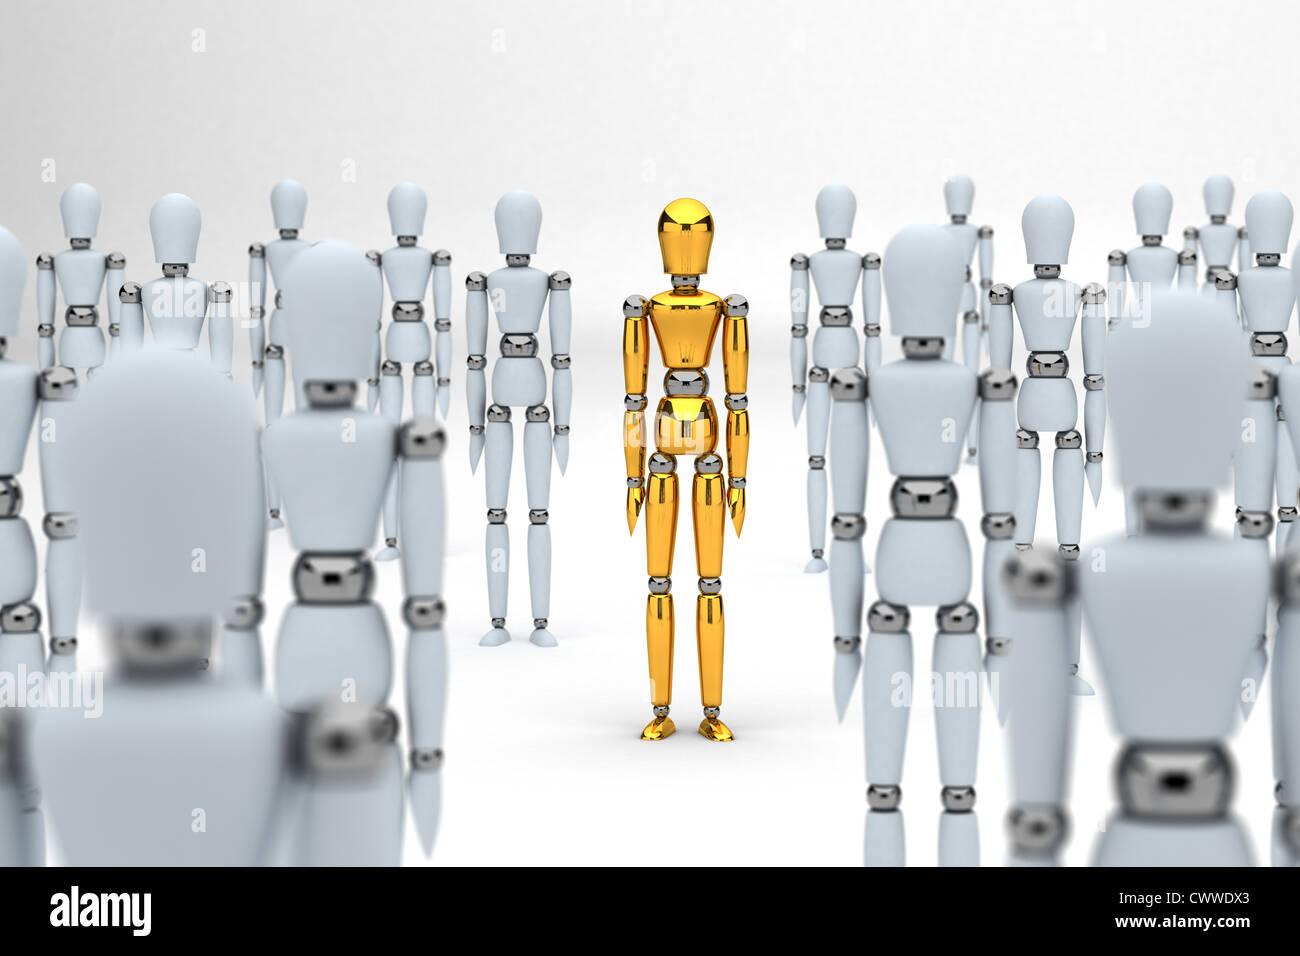 Individualität-Konzept Stockbild